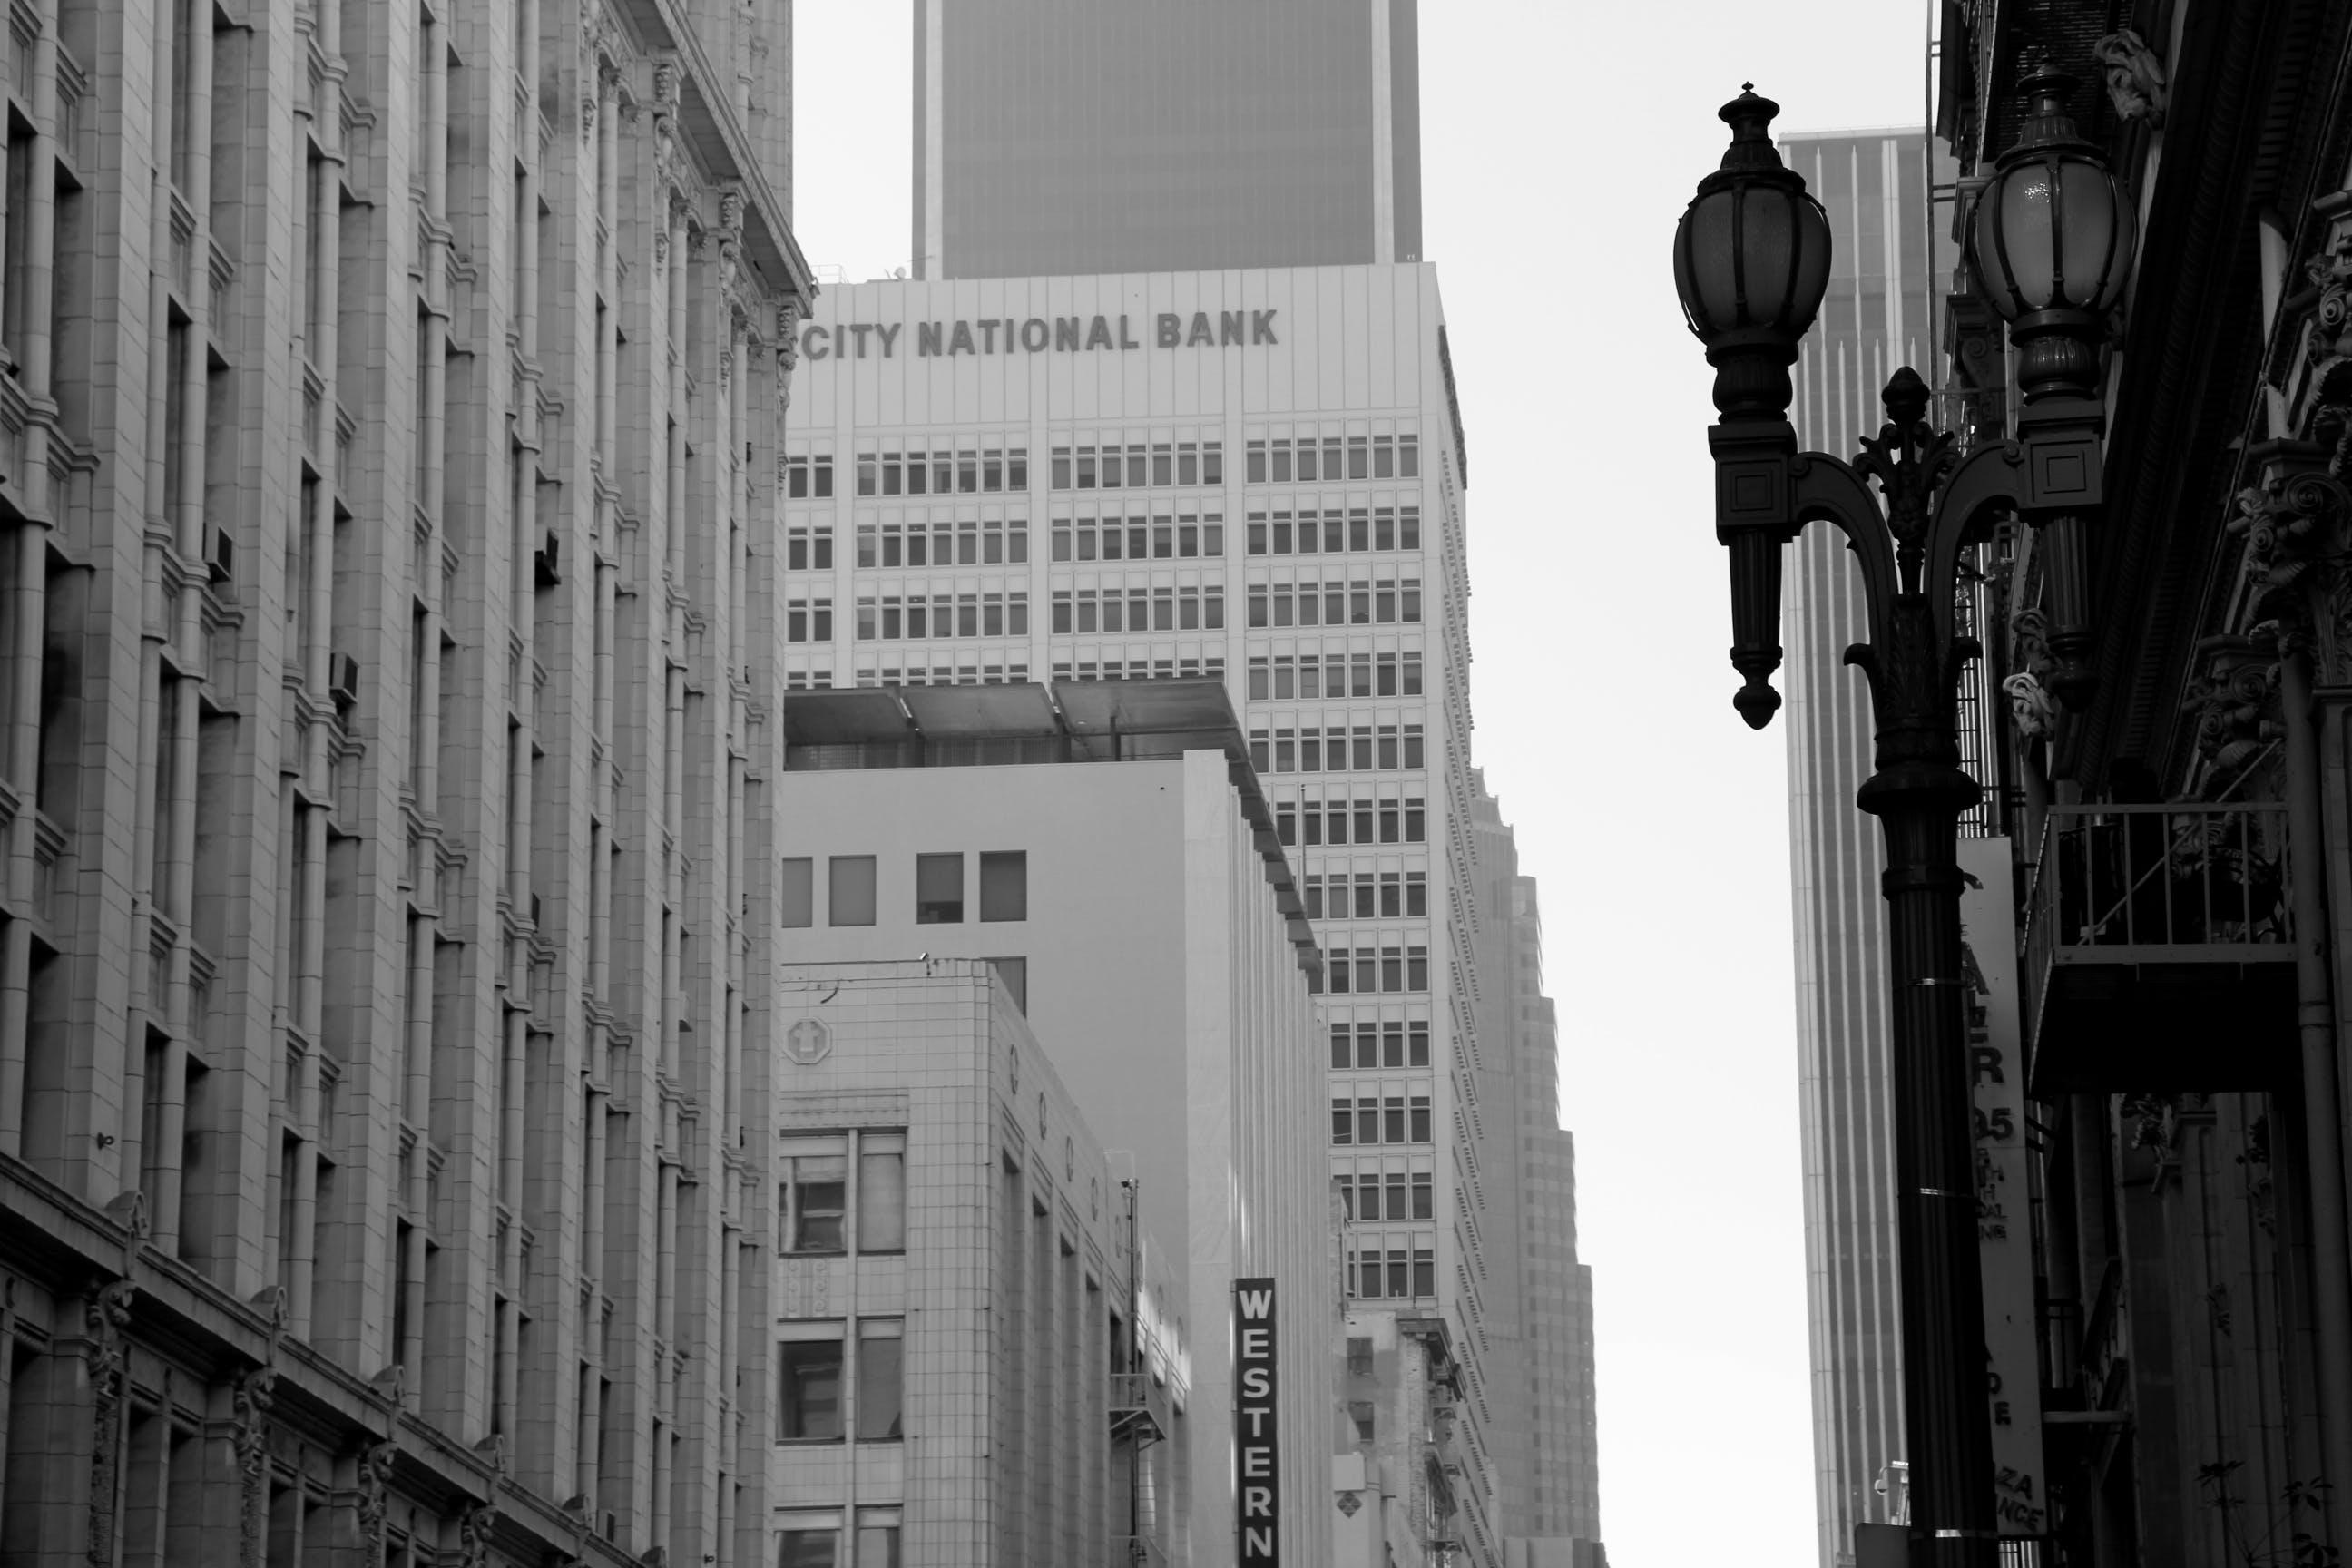 가로등 기둥, 가장 높은, 건물, 건물 외관의 무료 스톡 사진